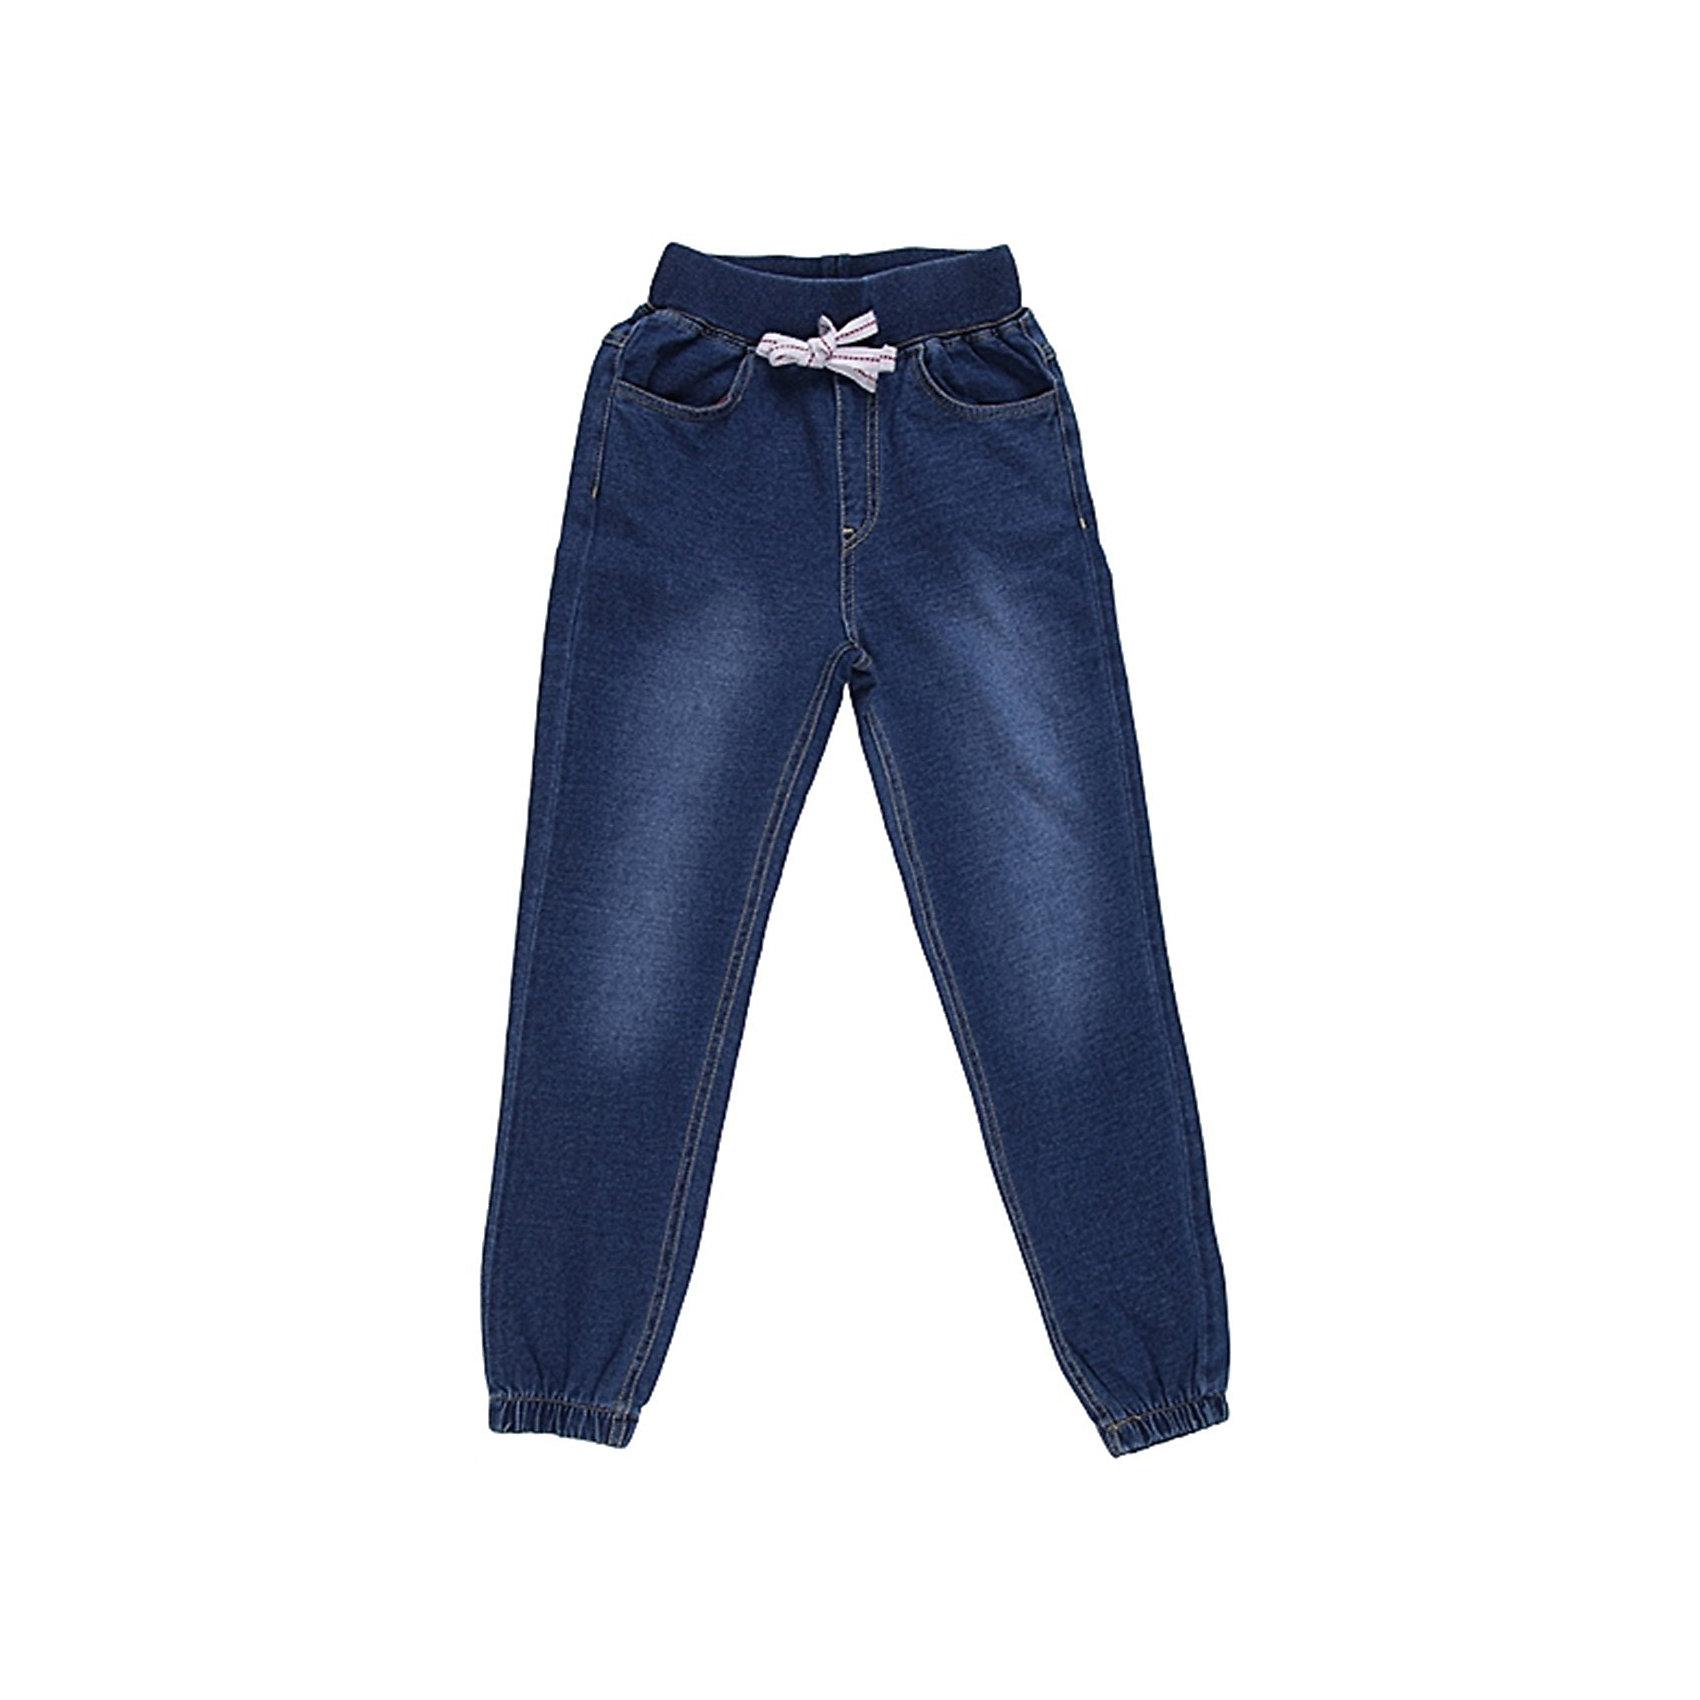 Брюки для мальчика Sweet BerryСпортивные брюки для мальчика. Эластичный пояс с внутренней резинкой, с дополнительным хлопковым шнурком.<br>Состав:<br>95% хлопок 5% эластан<br><br>Ширина мм: 215<br>Глубина мм: 88<br>Высота мм: 191<br>Вес г: 336<br>Цвет: синий<br>Возраст от месяцев: 24<br>Возраст до месяцев: 36<br>Пол: Мужской<br>Возраст: Детский<br>Размер: 98,122,110,116,104,128<br>SKU: 4522589